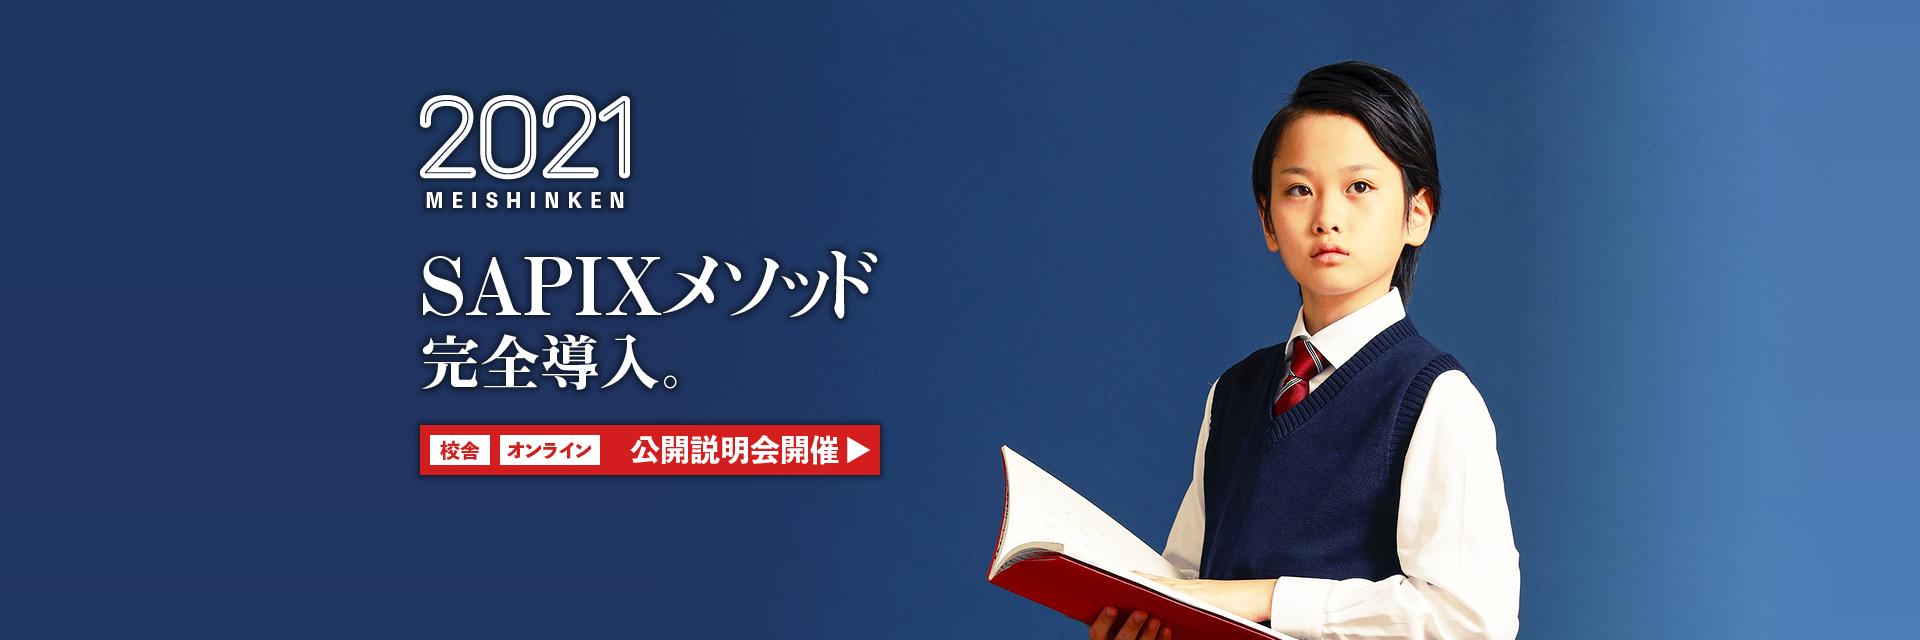 中学受験コース 2021年度 公開説明会